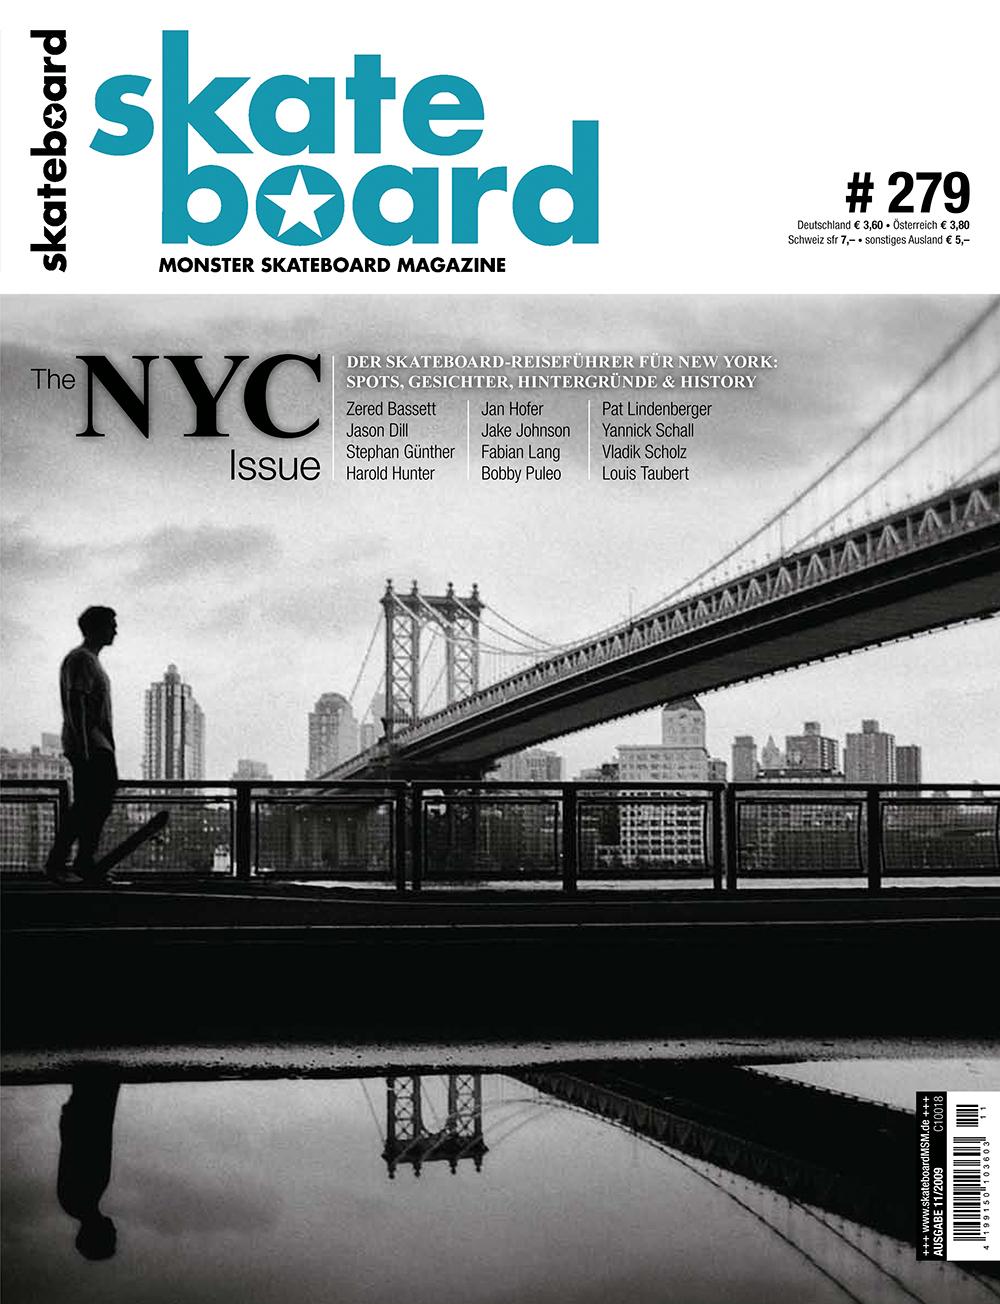 Die NYC Issue zählt bis heute (jedenfalls redaktionsintern) zu einer der absoluten Lieblingsausgaben. Ebenso das Cover mit dem Blick auf Brooklyn.